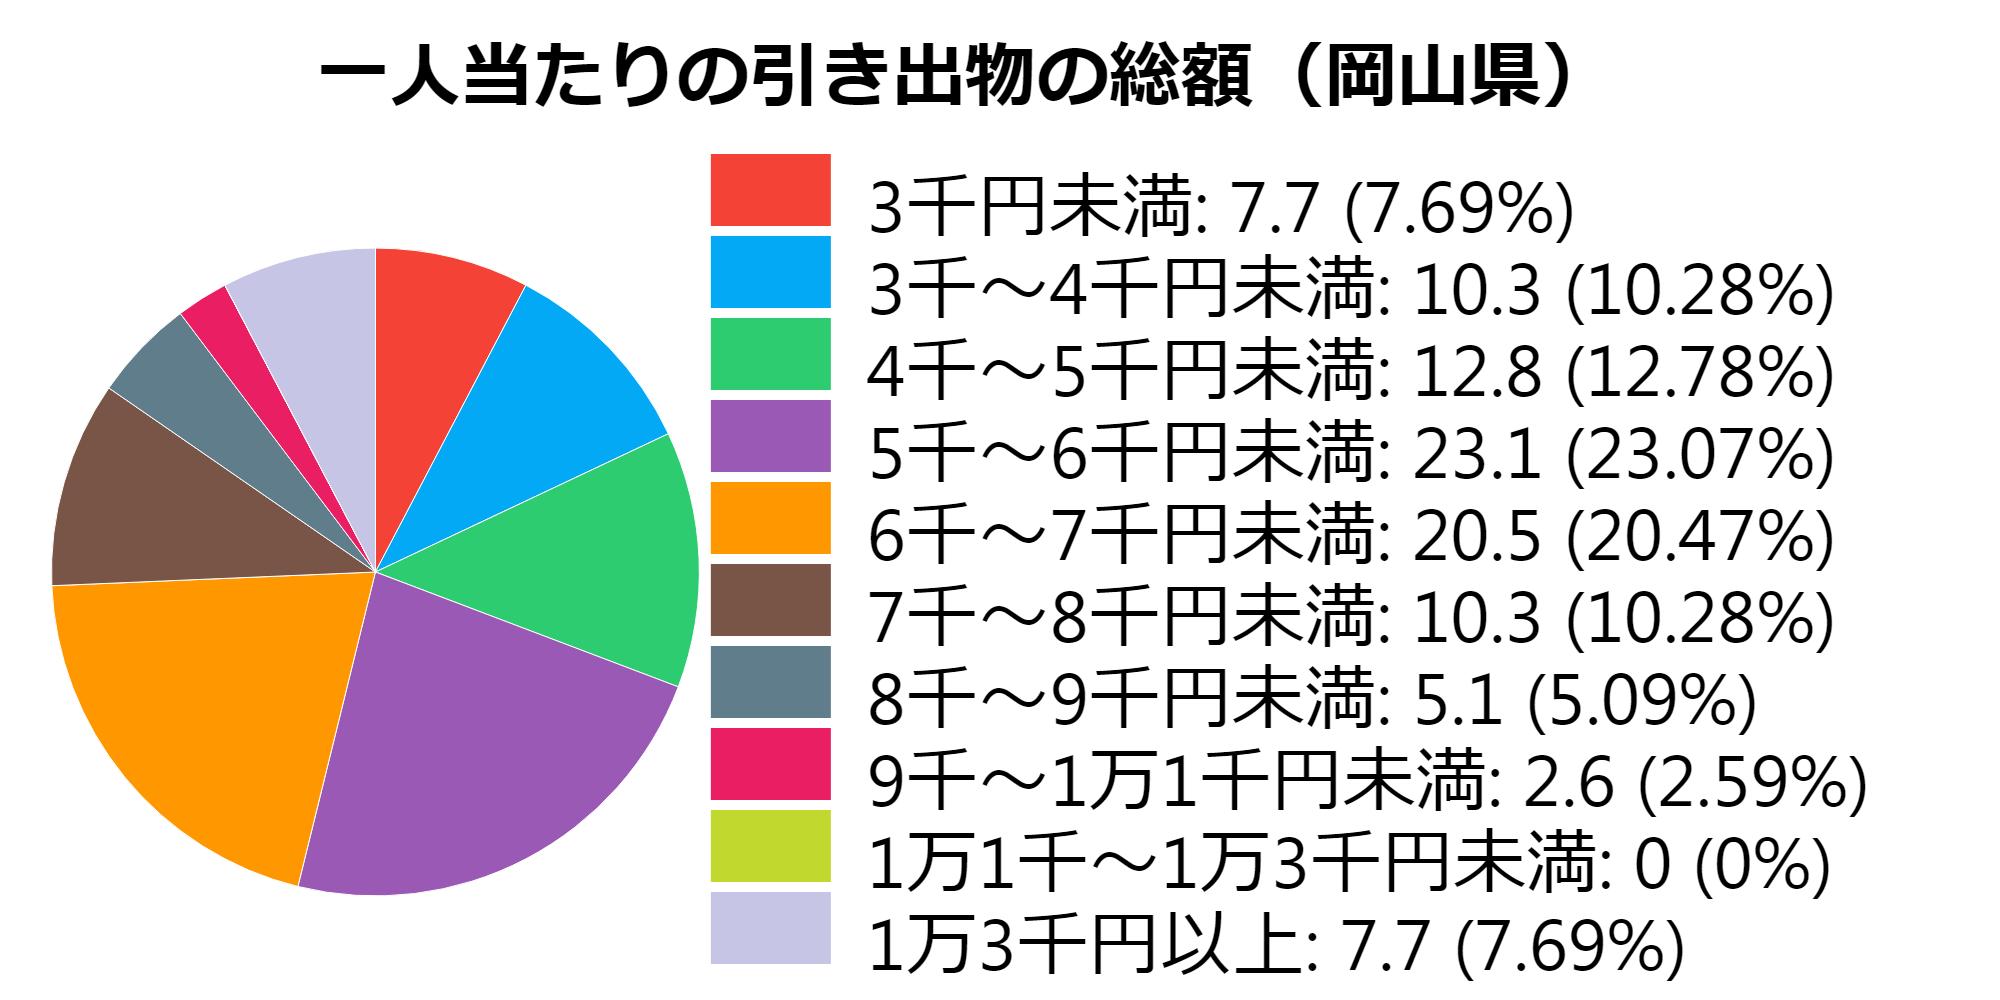 総額(岡山県)